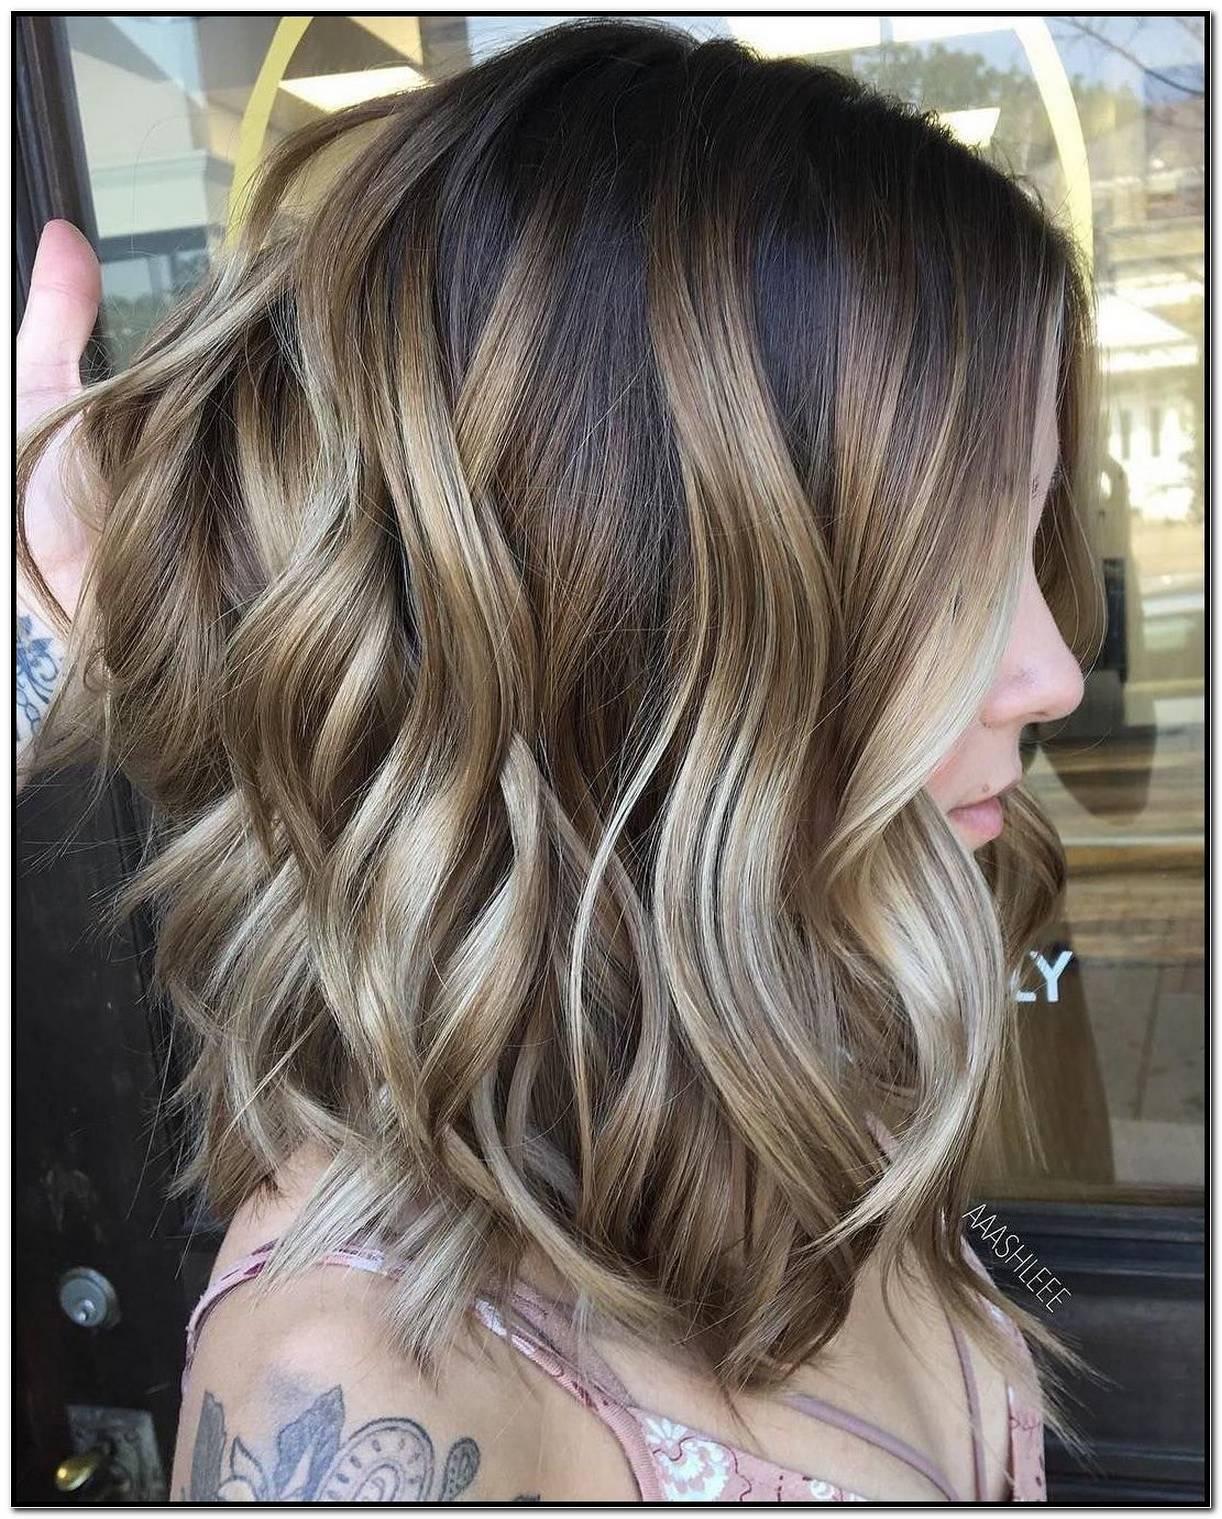 Coole Einfache Frisuren FüR Mittellanges Haar